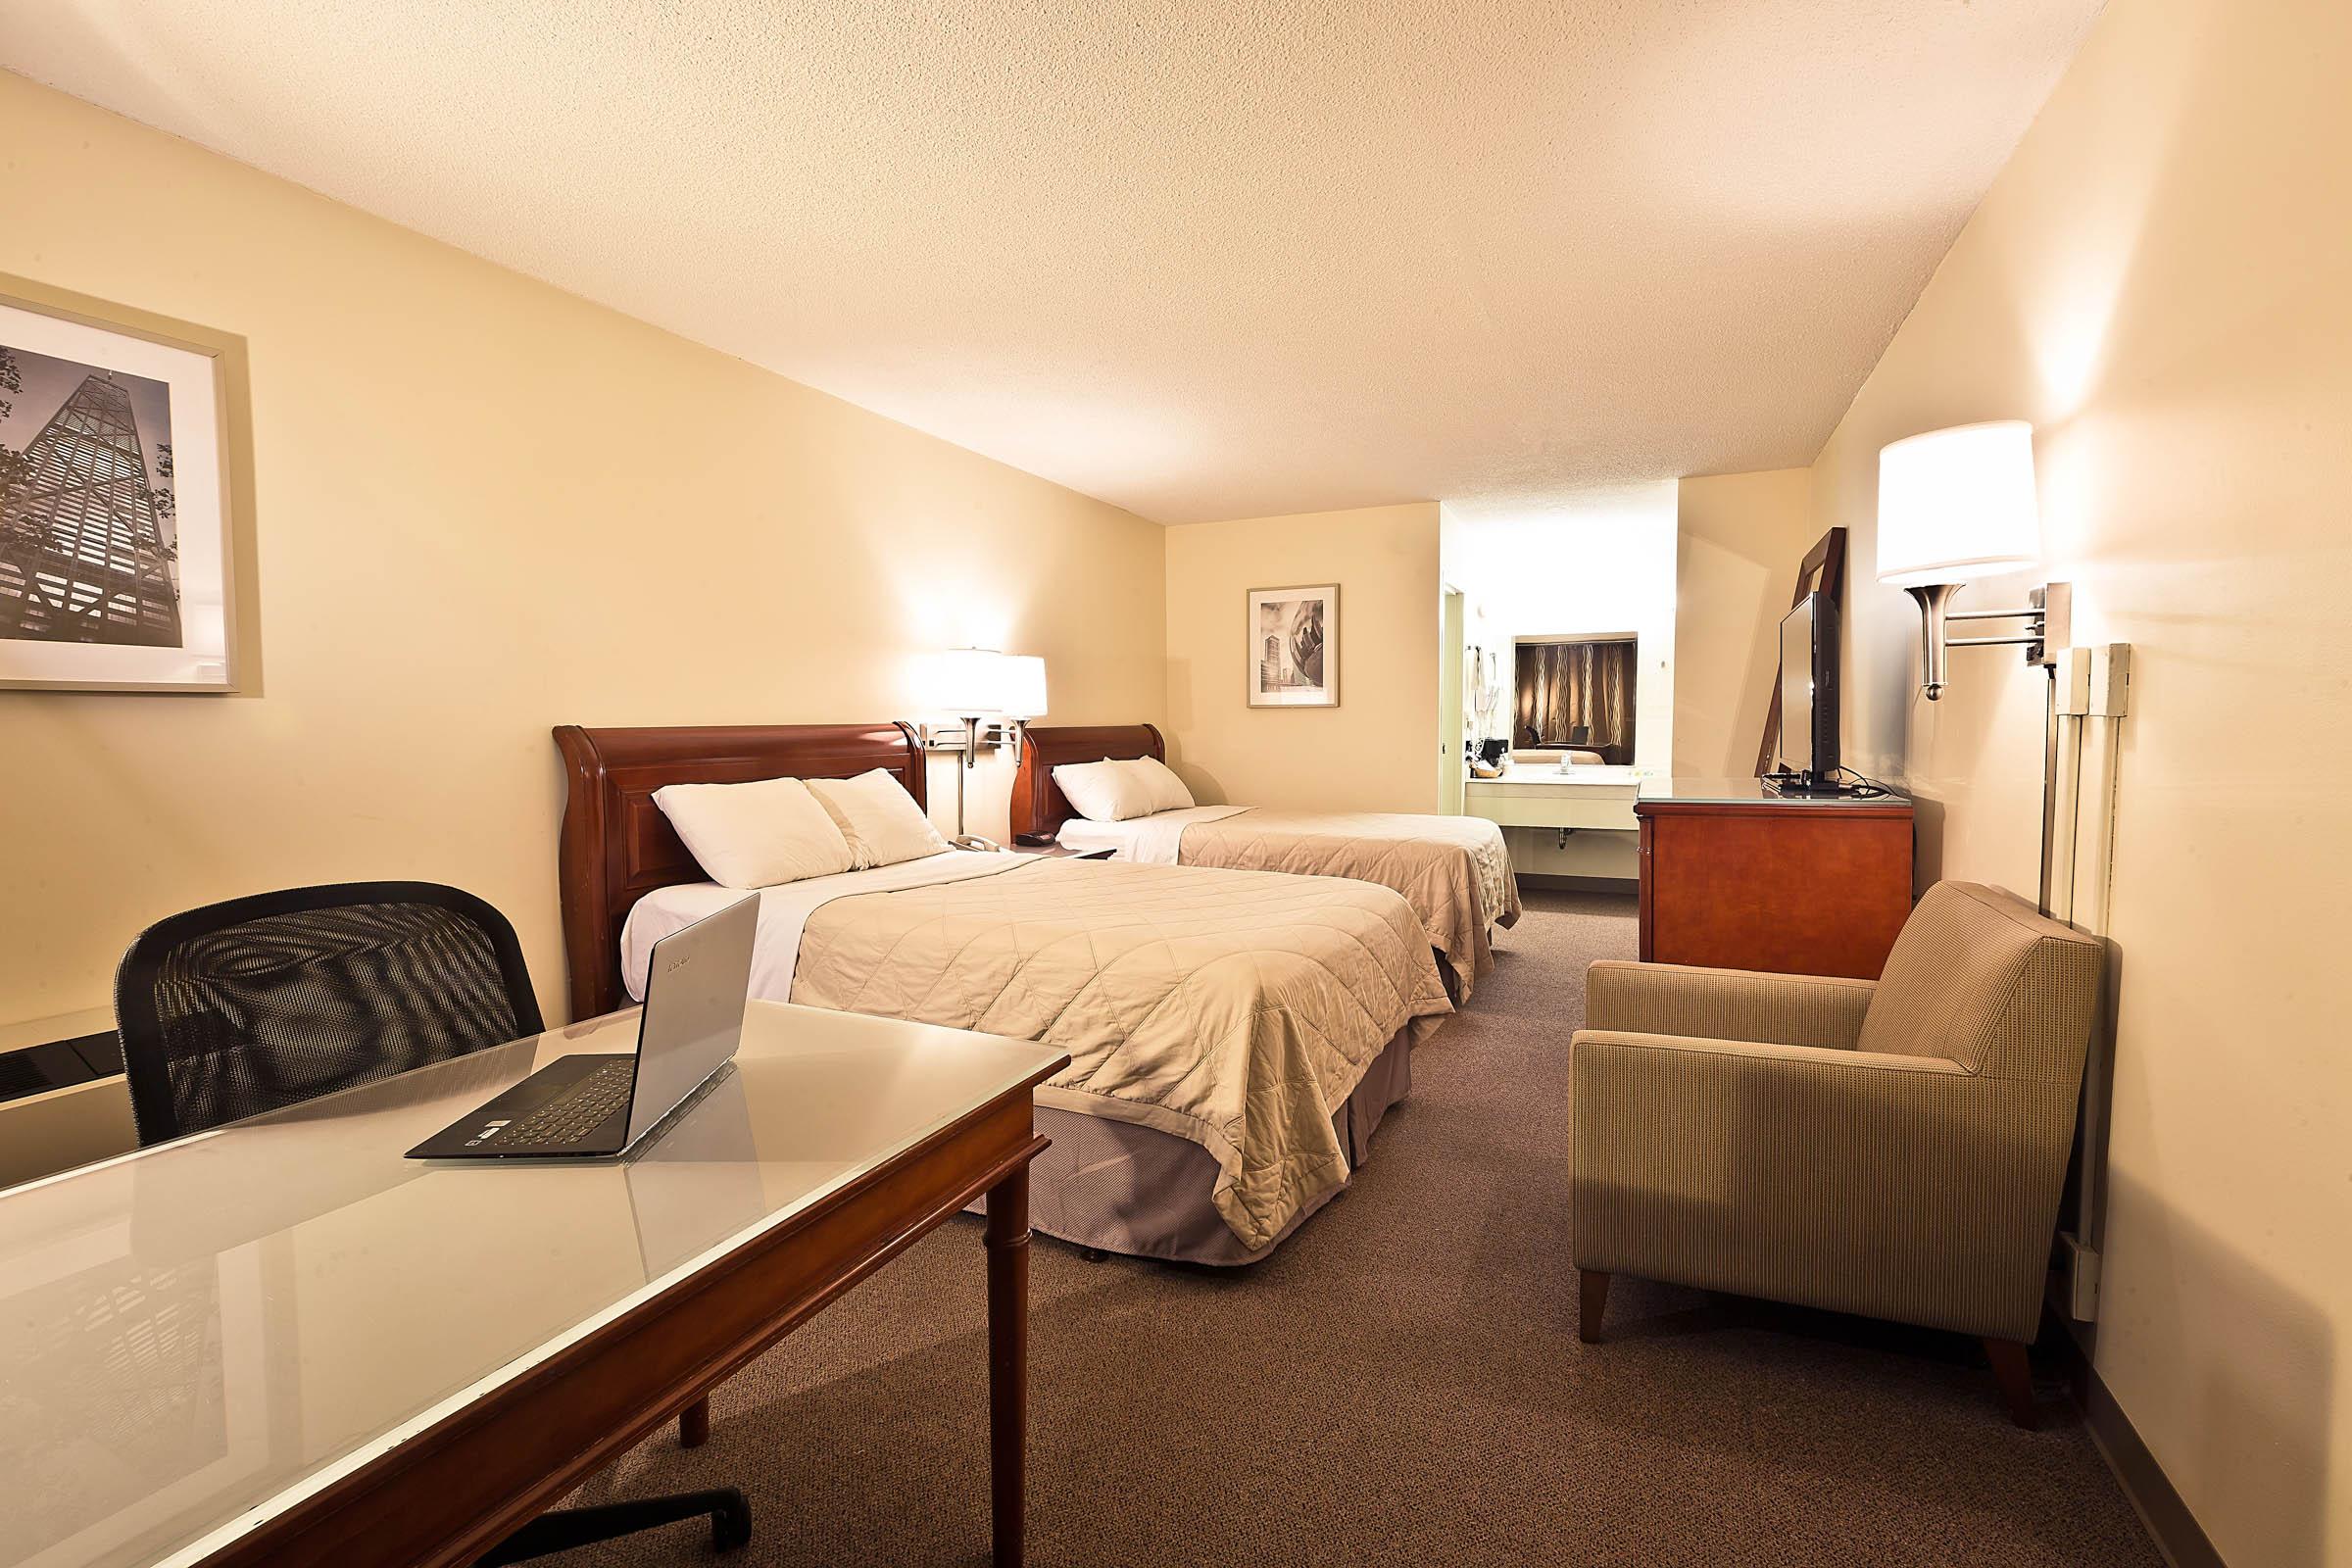 garden hotel south beloit guest rooms 004.jpg